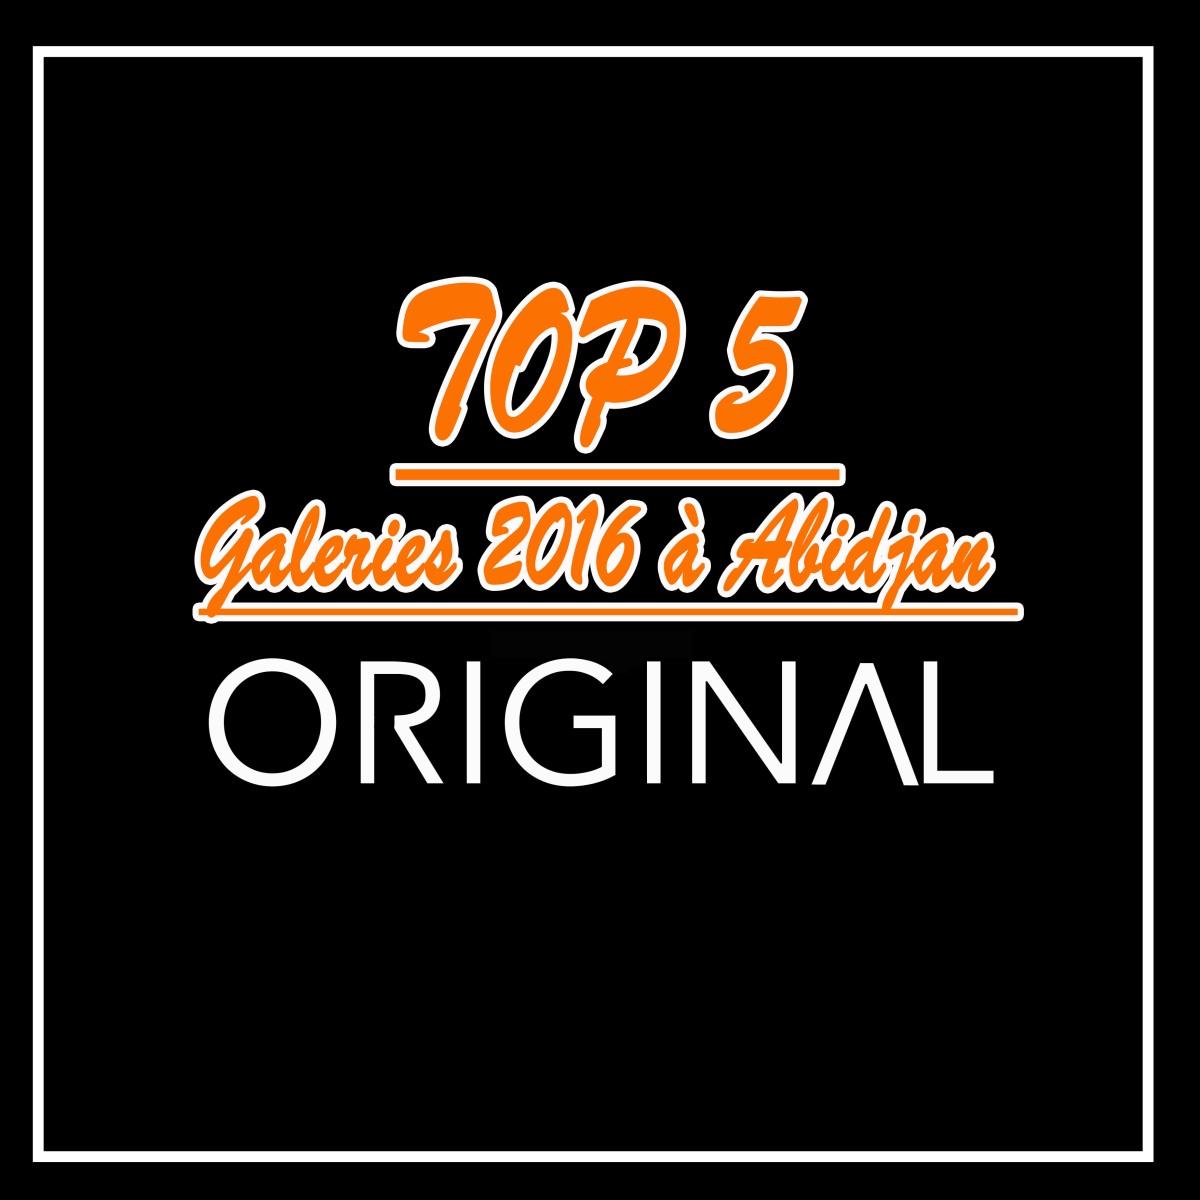 TOP 5 des galeries d'art visitées à Abidjan par ORIGINVL en 2016